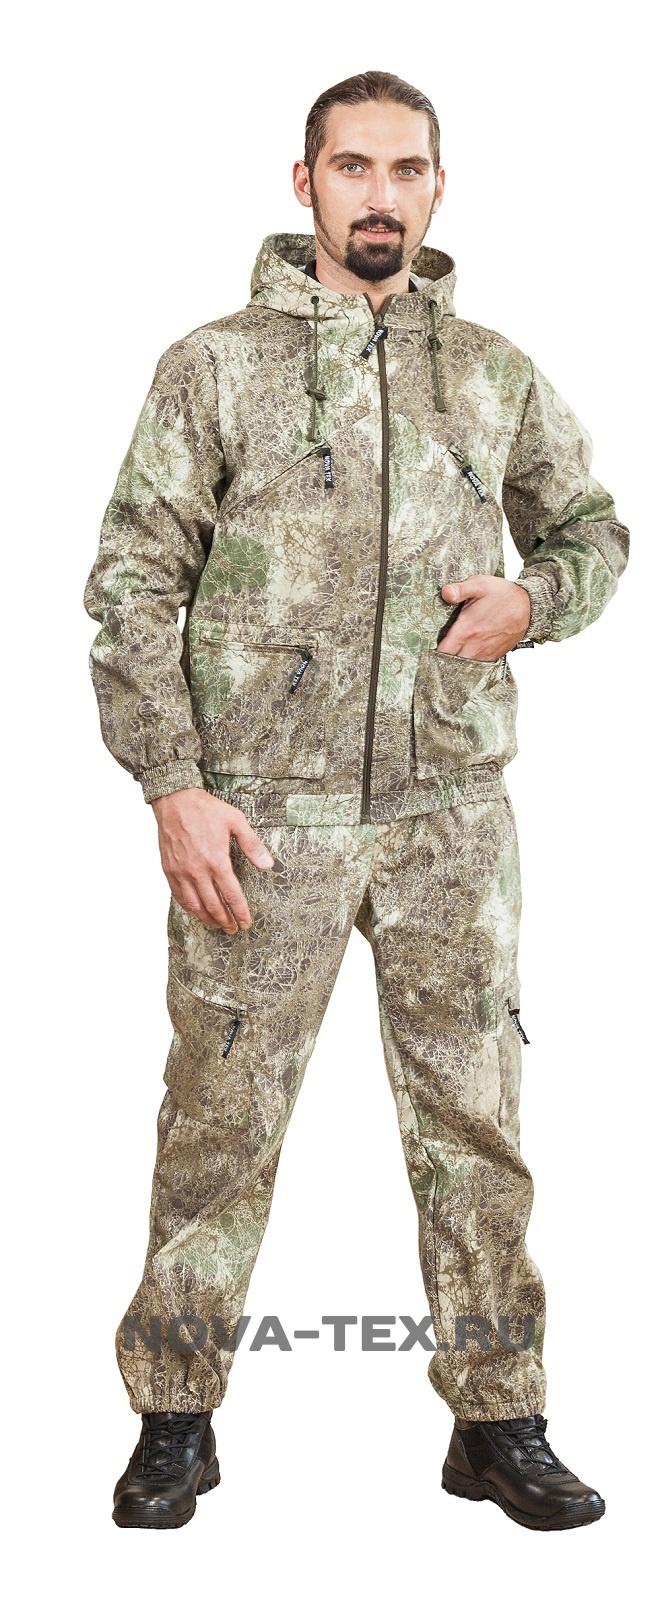 Костюм мужской Рысь (смесовая, паутина(686)), Костюмы неутепленные<br>Летний универсальный костюм (ТМ «Квест») <br>от компании Novatex. Удобный и функциональный <br>прекрасно подойдет для всех любителей активного <br>образа жизни. Состоит из короткой куртки <br>с капюшоном и прямых брюк, низ куртки и брюк <br>собраны на резинку. Смесовая ткань позволяет <br>костюму быть практичным и удобным в эксплуатации. <br>Костюм «Рысь» пользуется популярностью <br>как у любителей активного отдыха, так и <br>как надежный рабочий костюм. Особенности <br>модели: -капюшон регулируется -карманы на <br>молнии<br><br>Пол: мужской<br>Размер: 56-58<br>Рост: 182-188<br>Сезон: лето<br>Цвет: бежевый